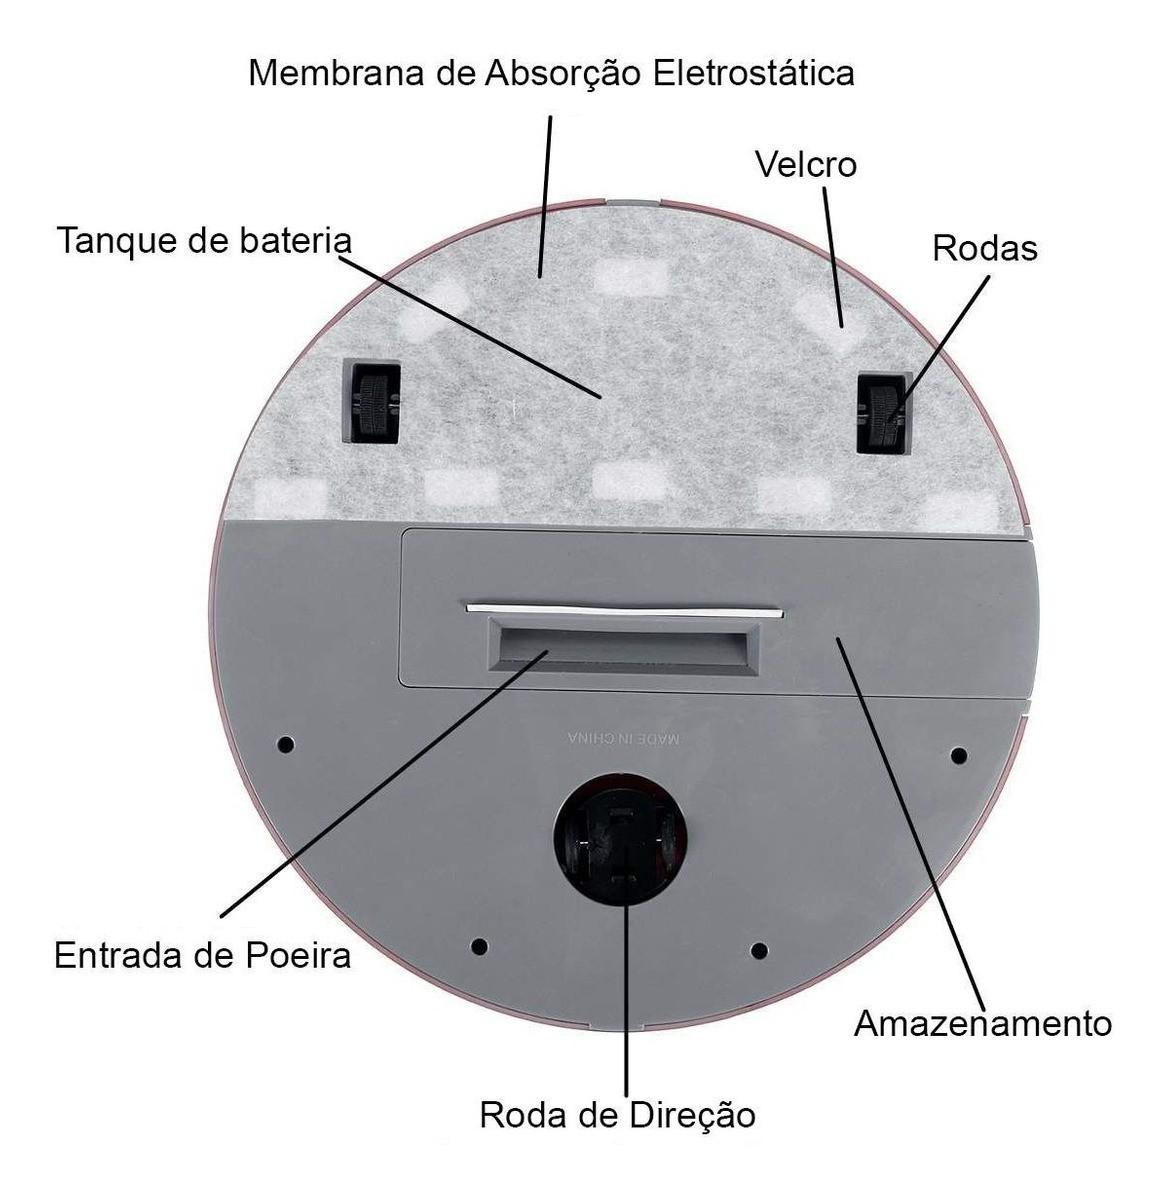 Robo Limpa Casa Aspirador de Po Varre Vassoura Recarregável Sensor Automatico